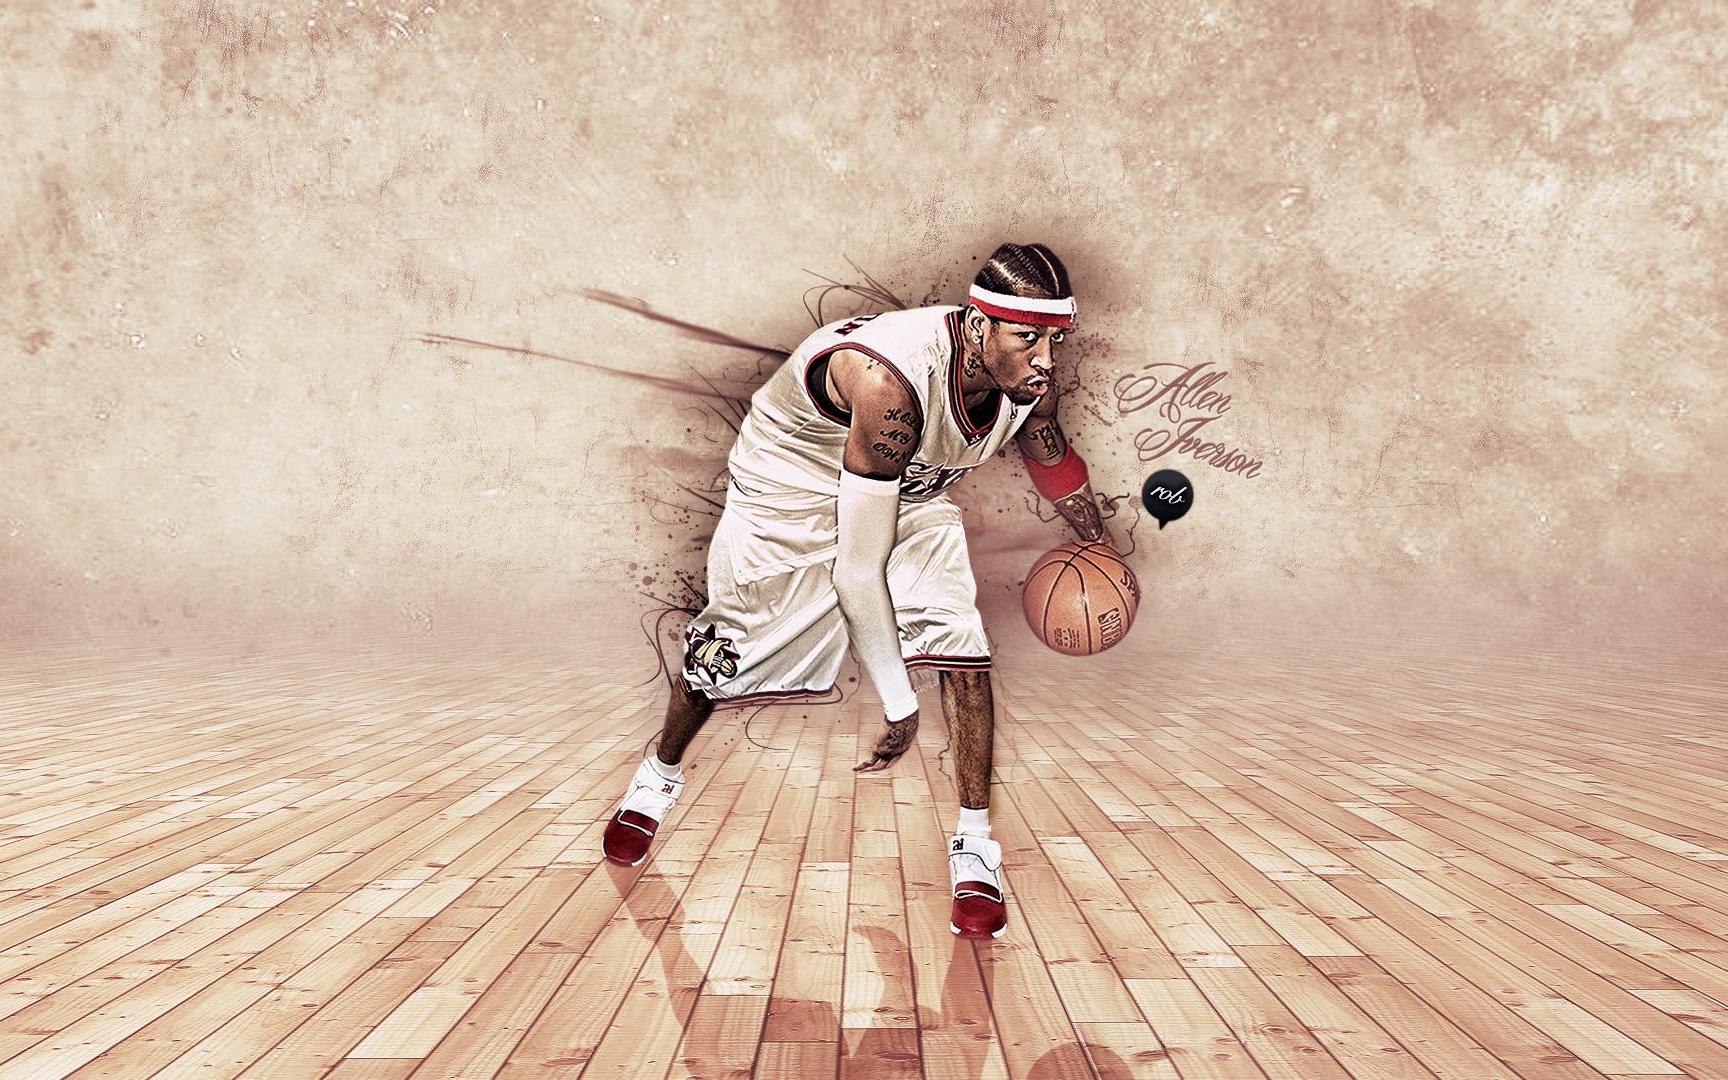 篮球教学万变不离其根本变向的要点练习略讲【油管洛克】